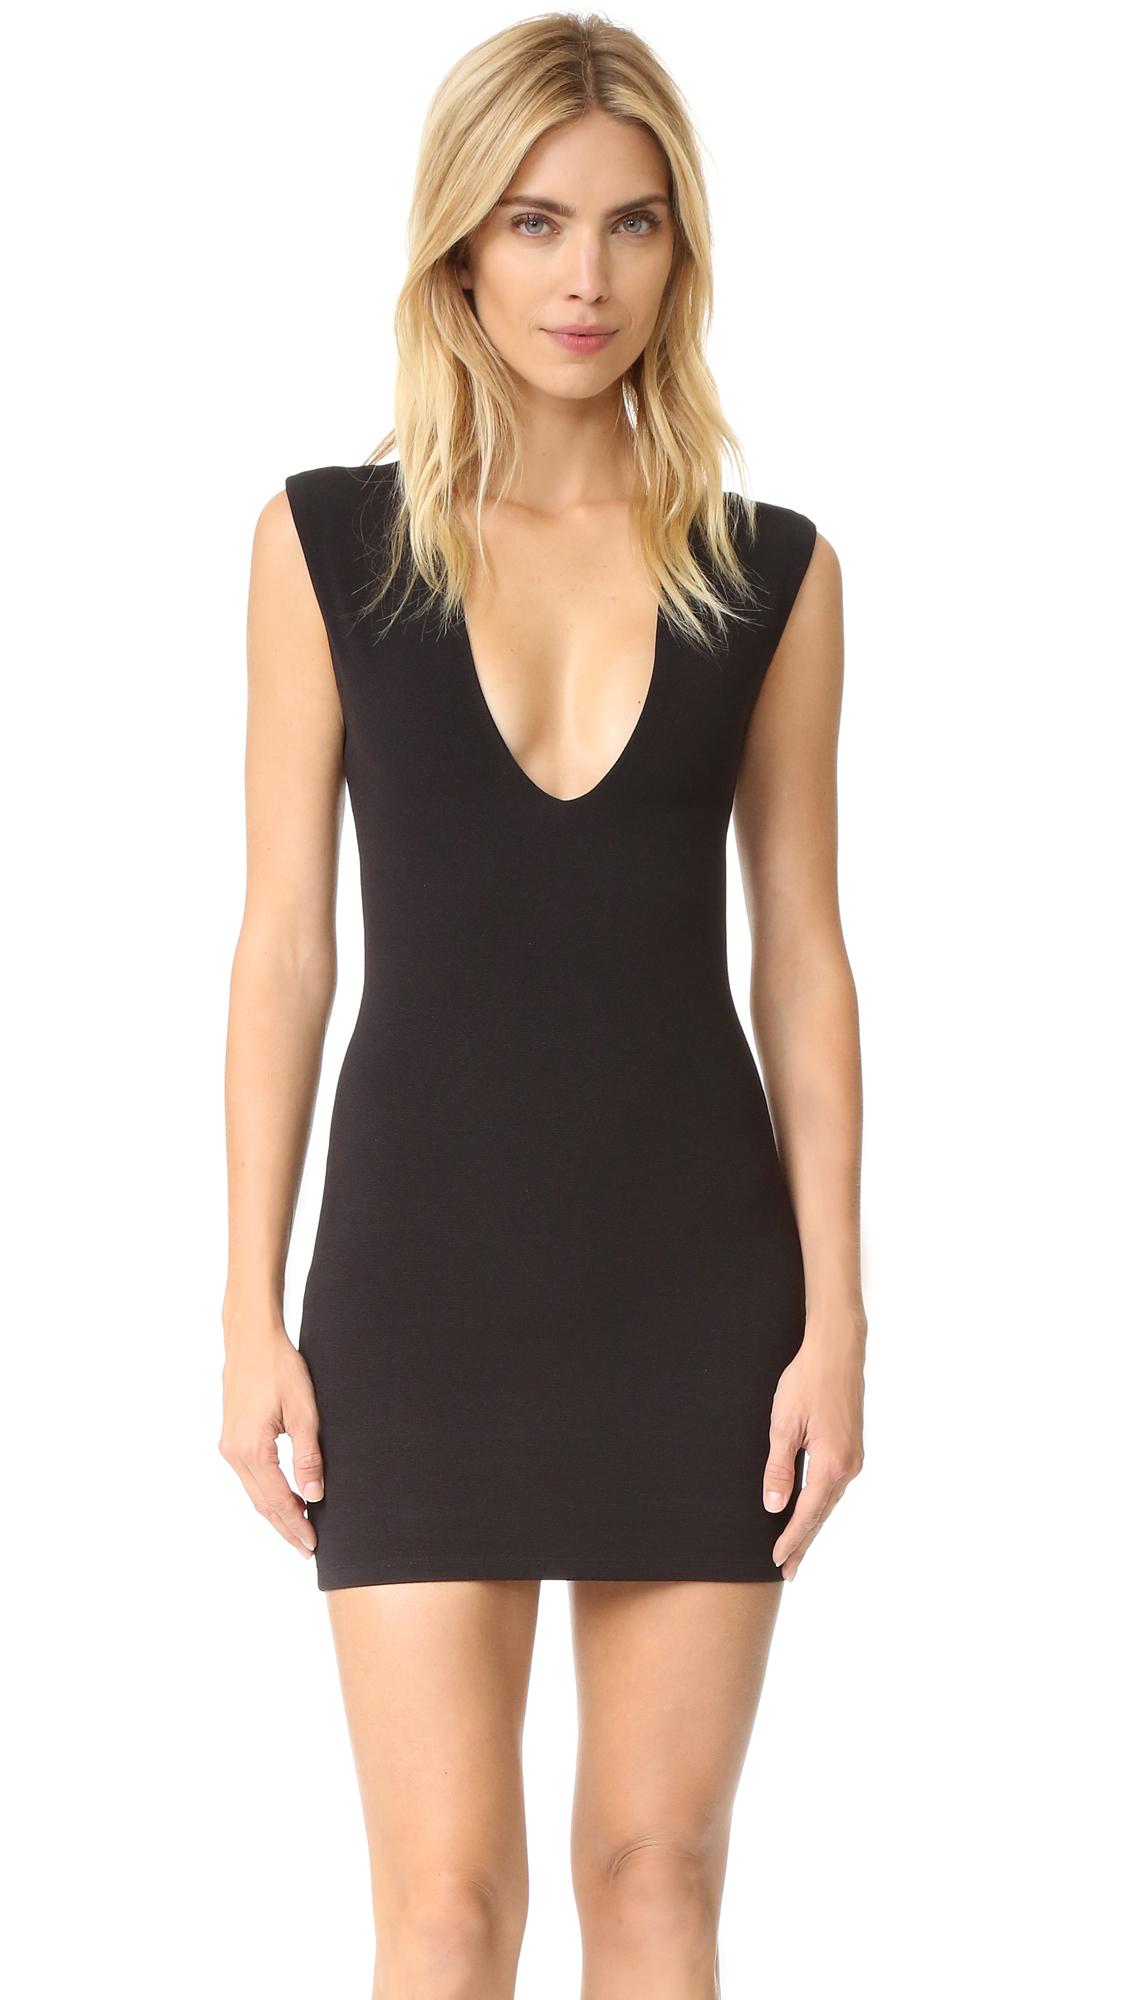 Bec & Bridge Reversible Rib V Dress - Black